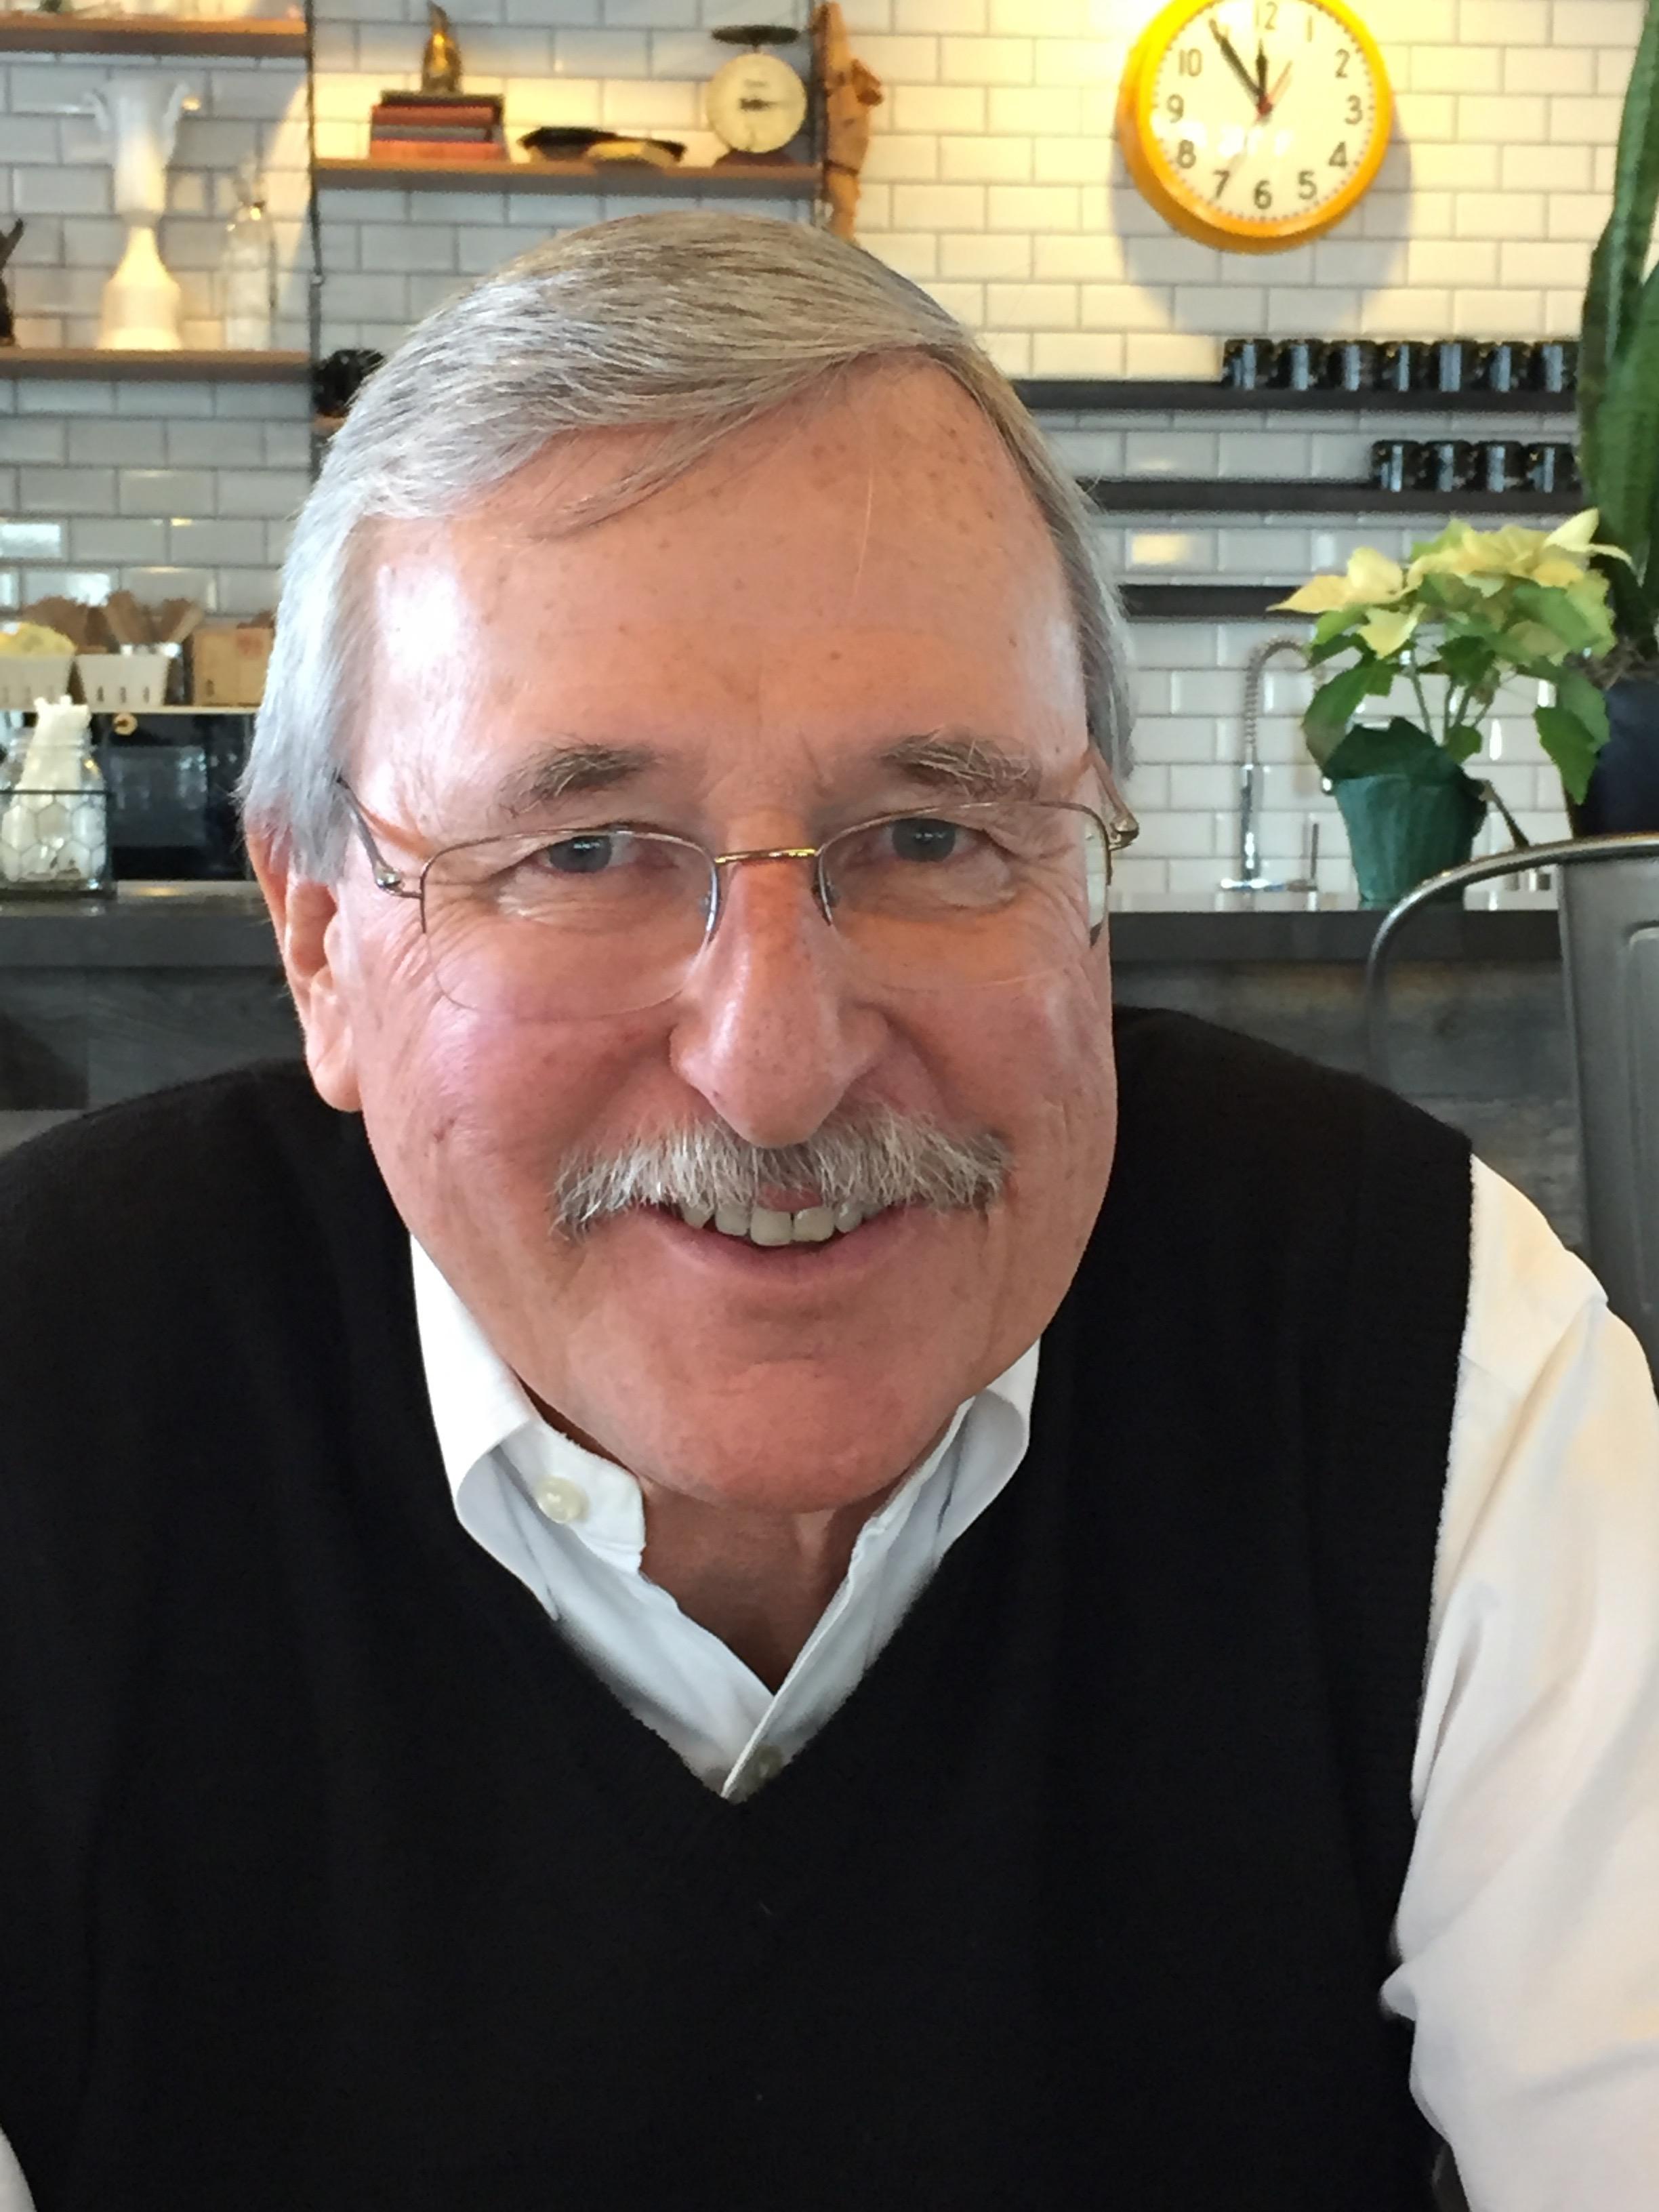 Executive Director Steve Gibson